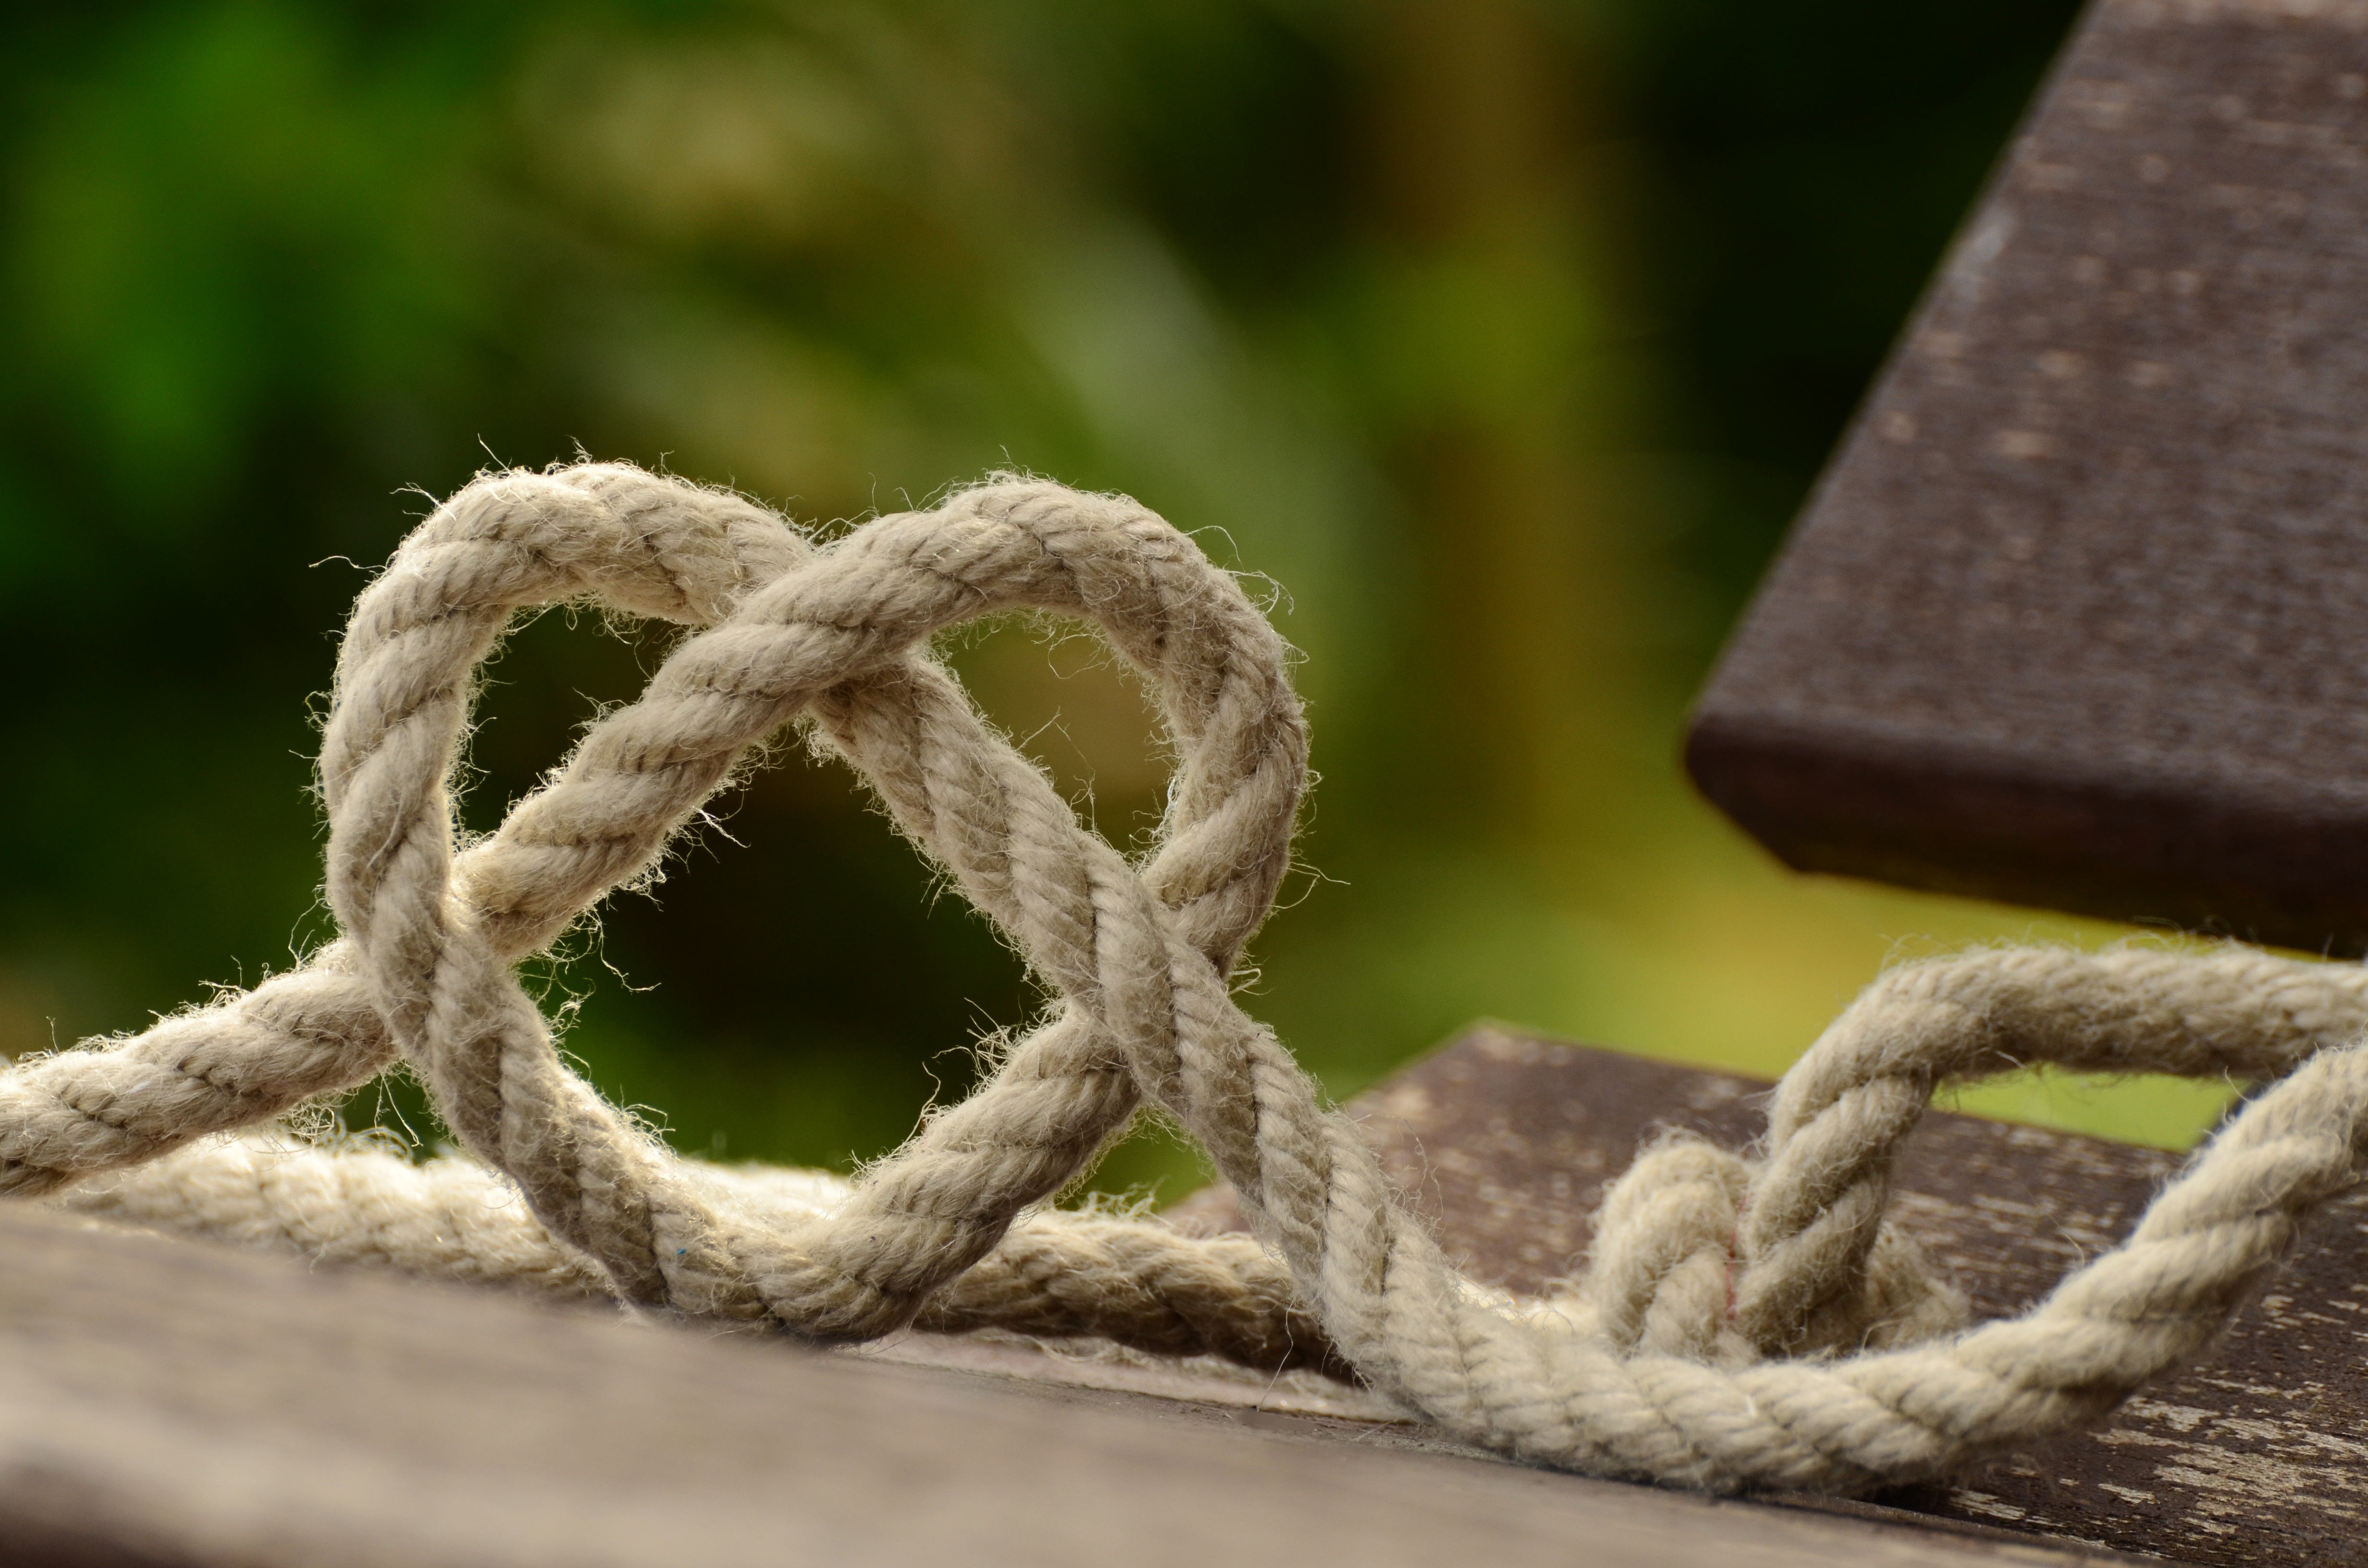 rope-knitting-heart-love-113737.jpg